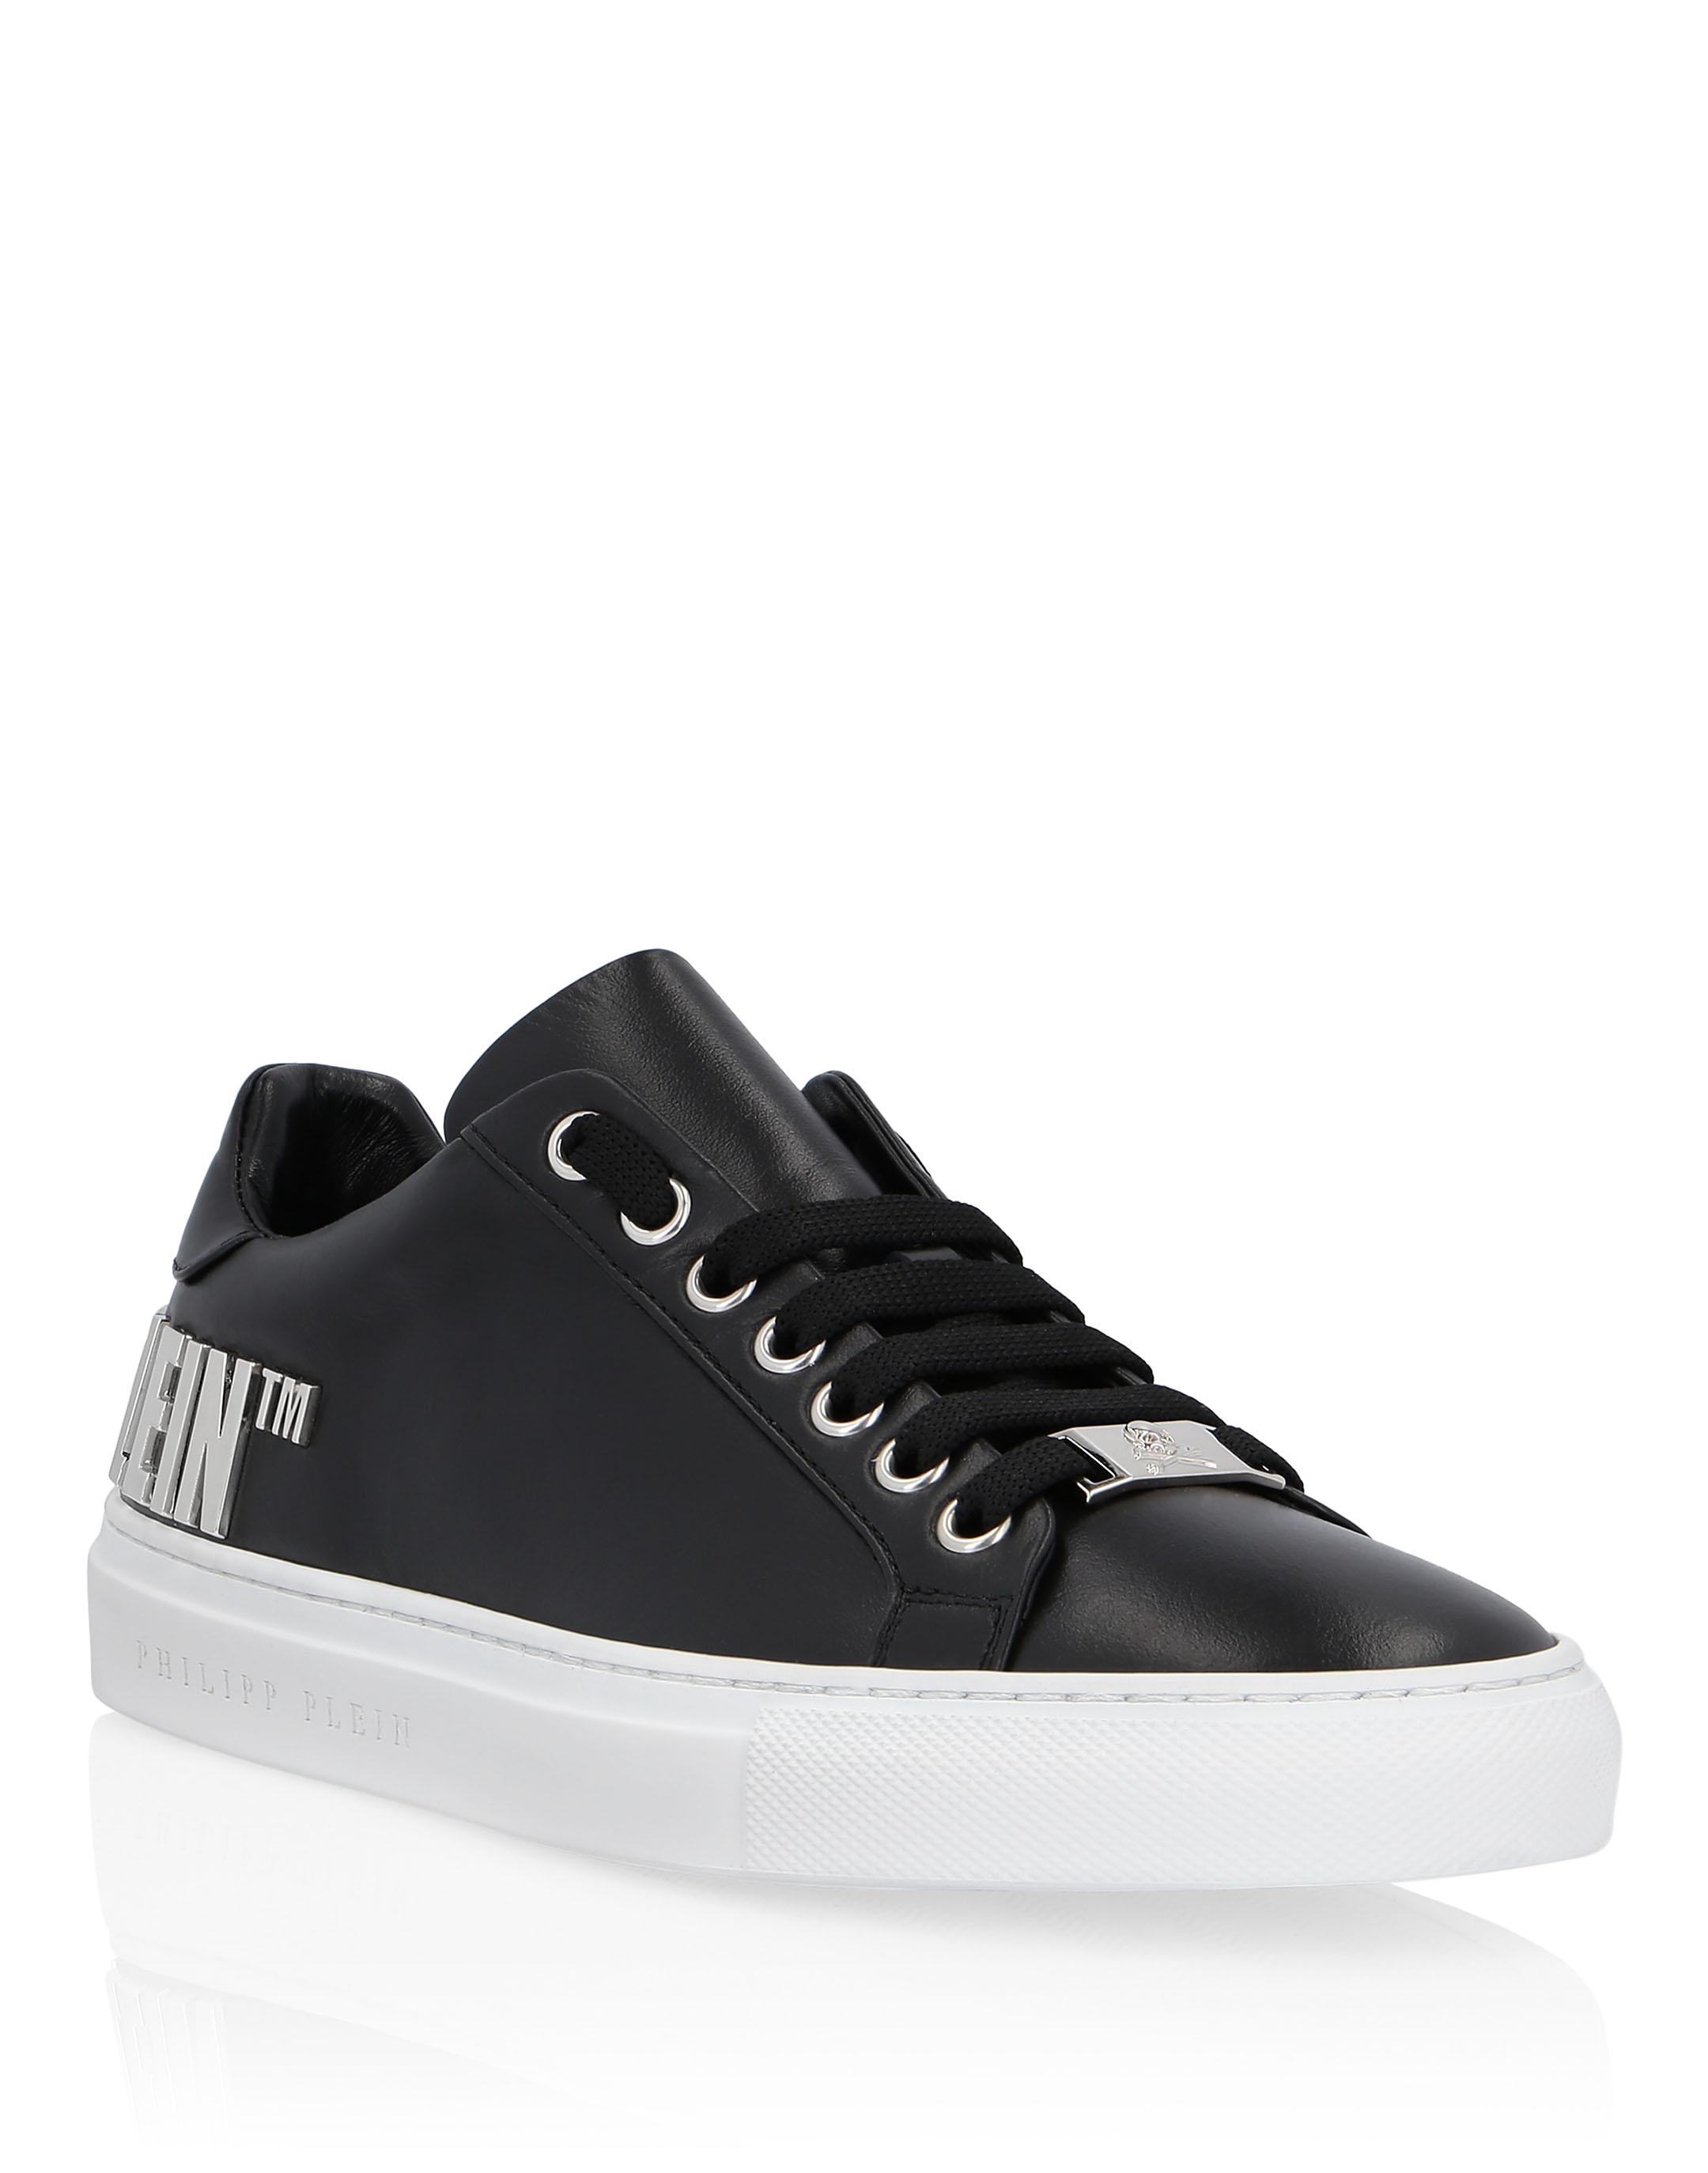 Nuovi Prodotti 2caeb ca346 Lo-Top Sneakers Philipp Plein TM